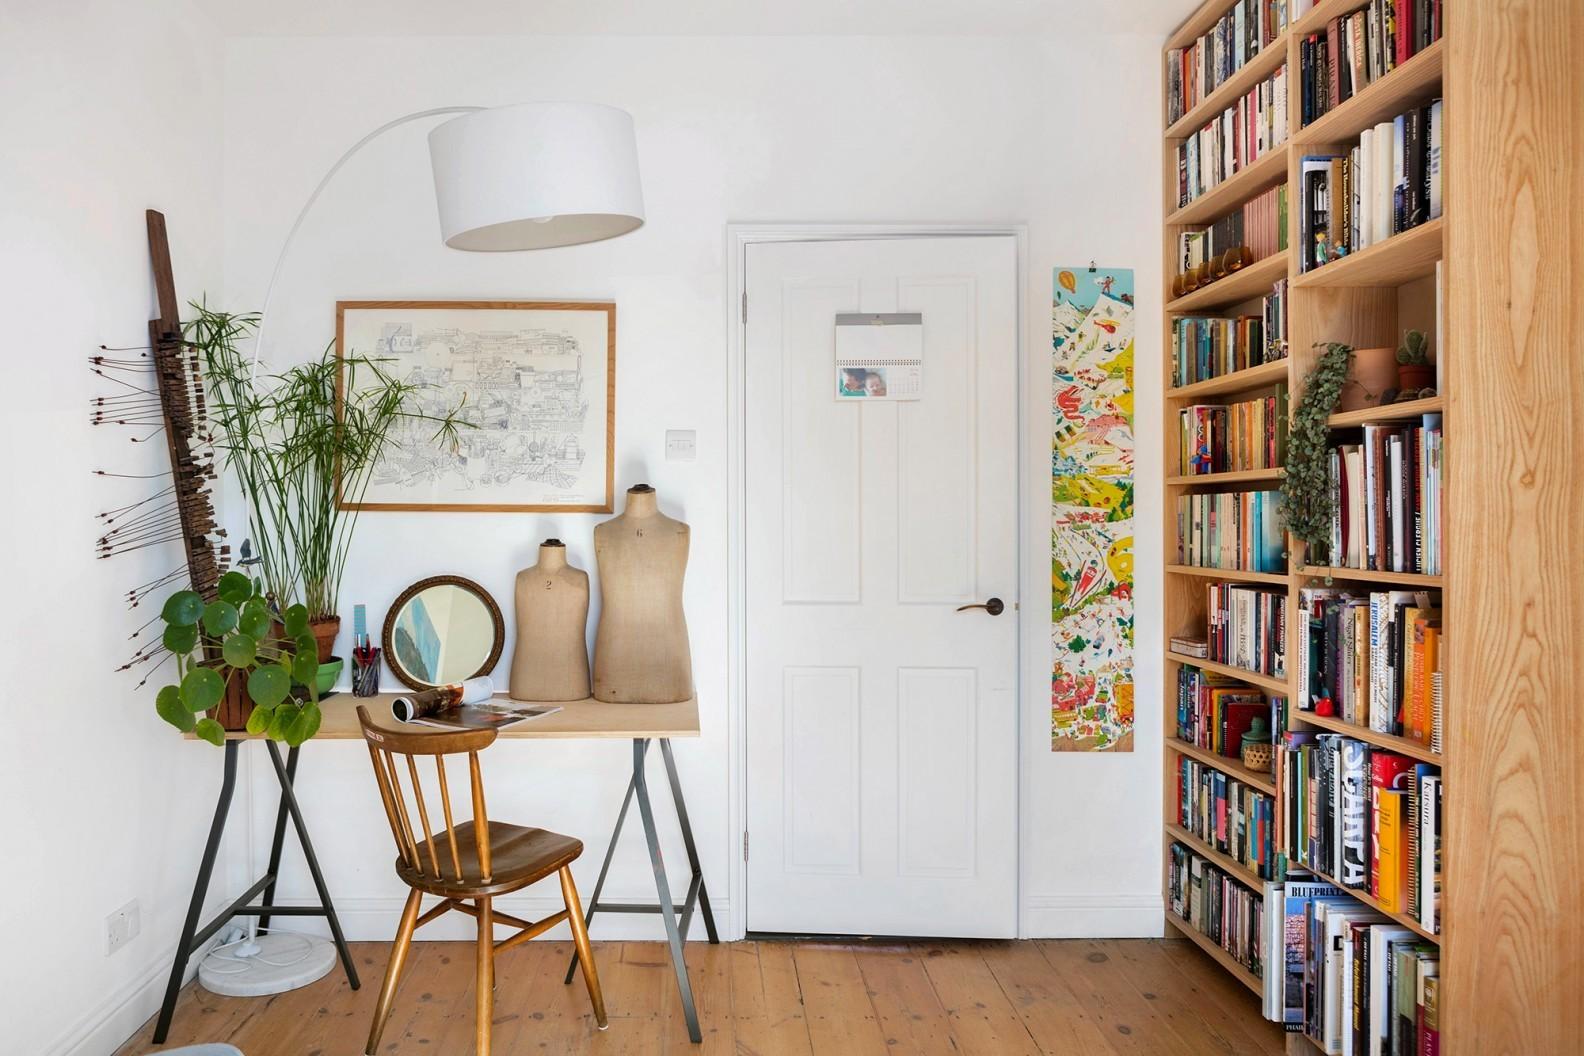 tsveten-i-funktsionalen-interior-za-malak-semeen-apartament-45-m-1g